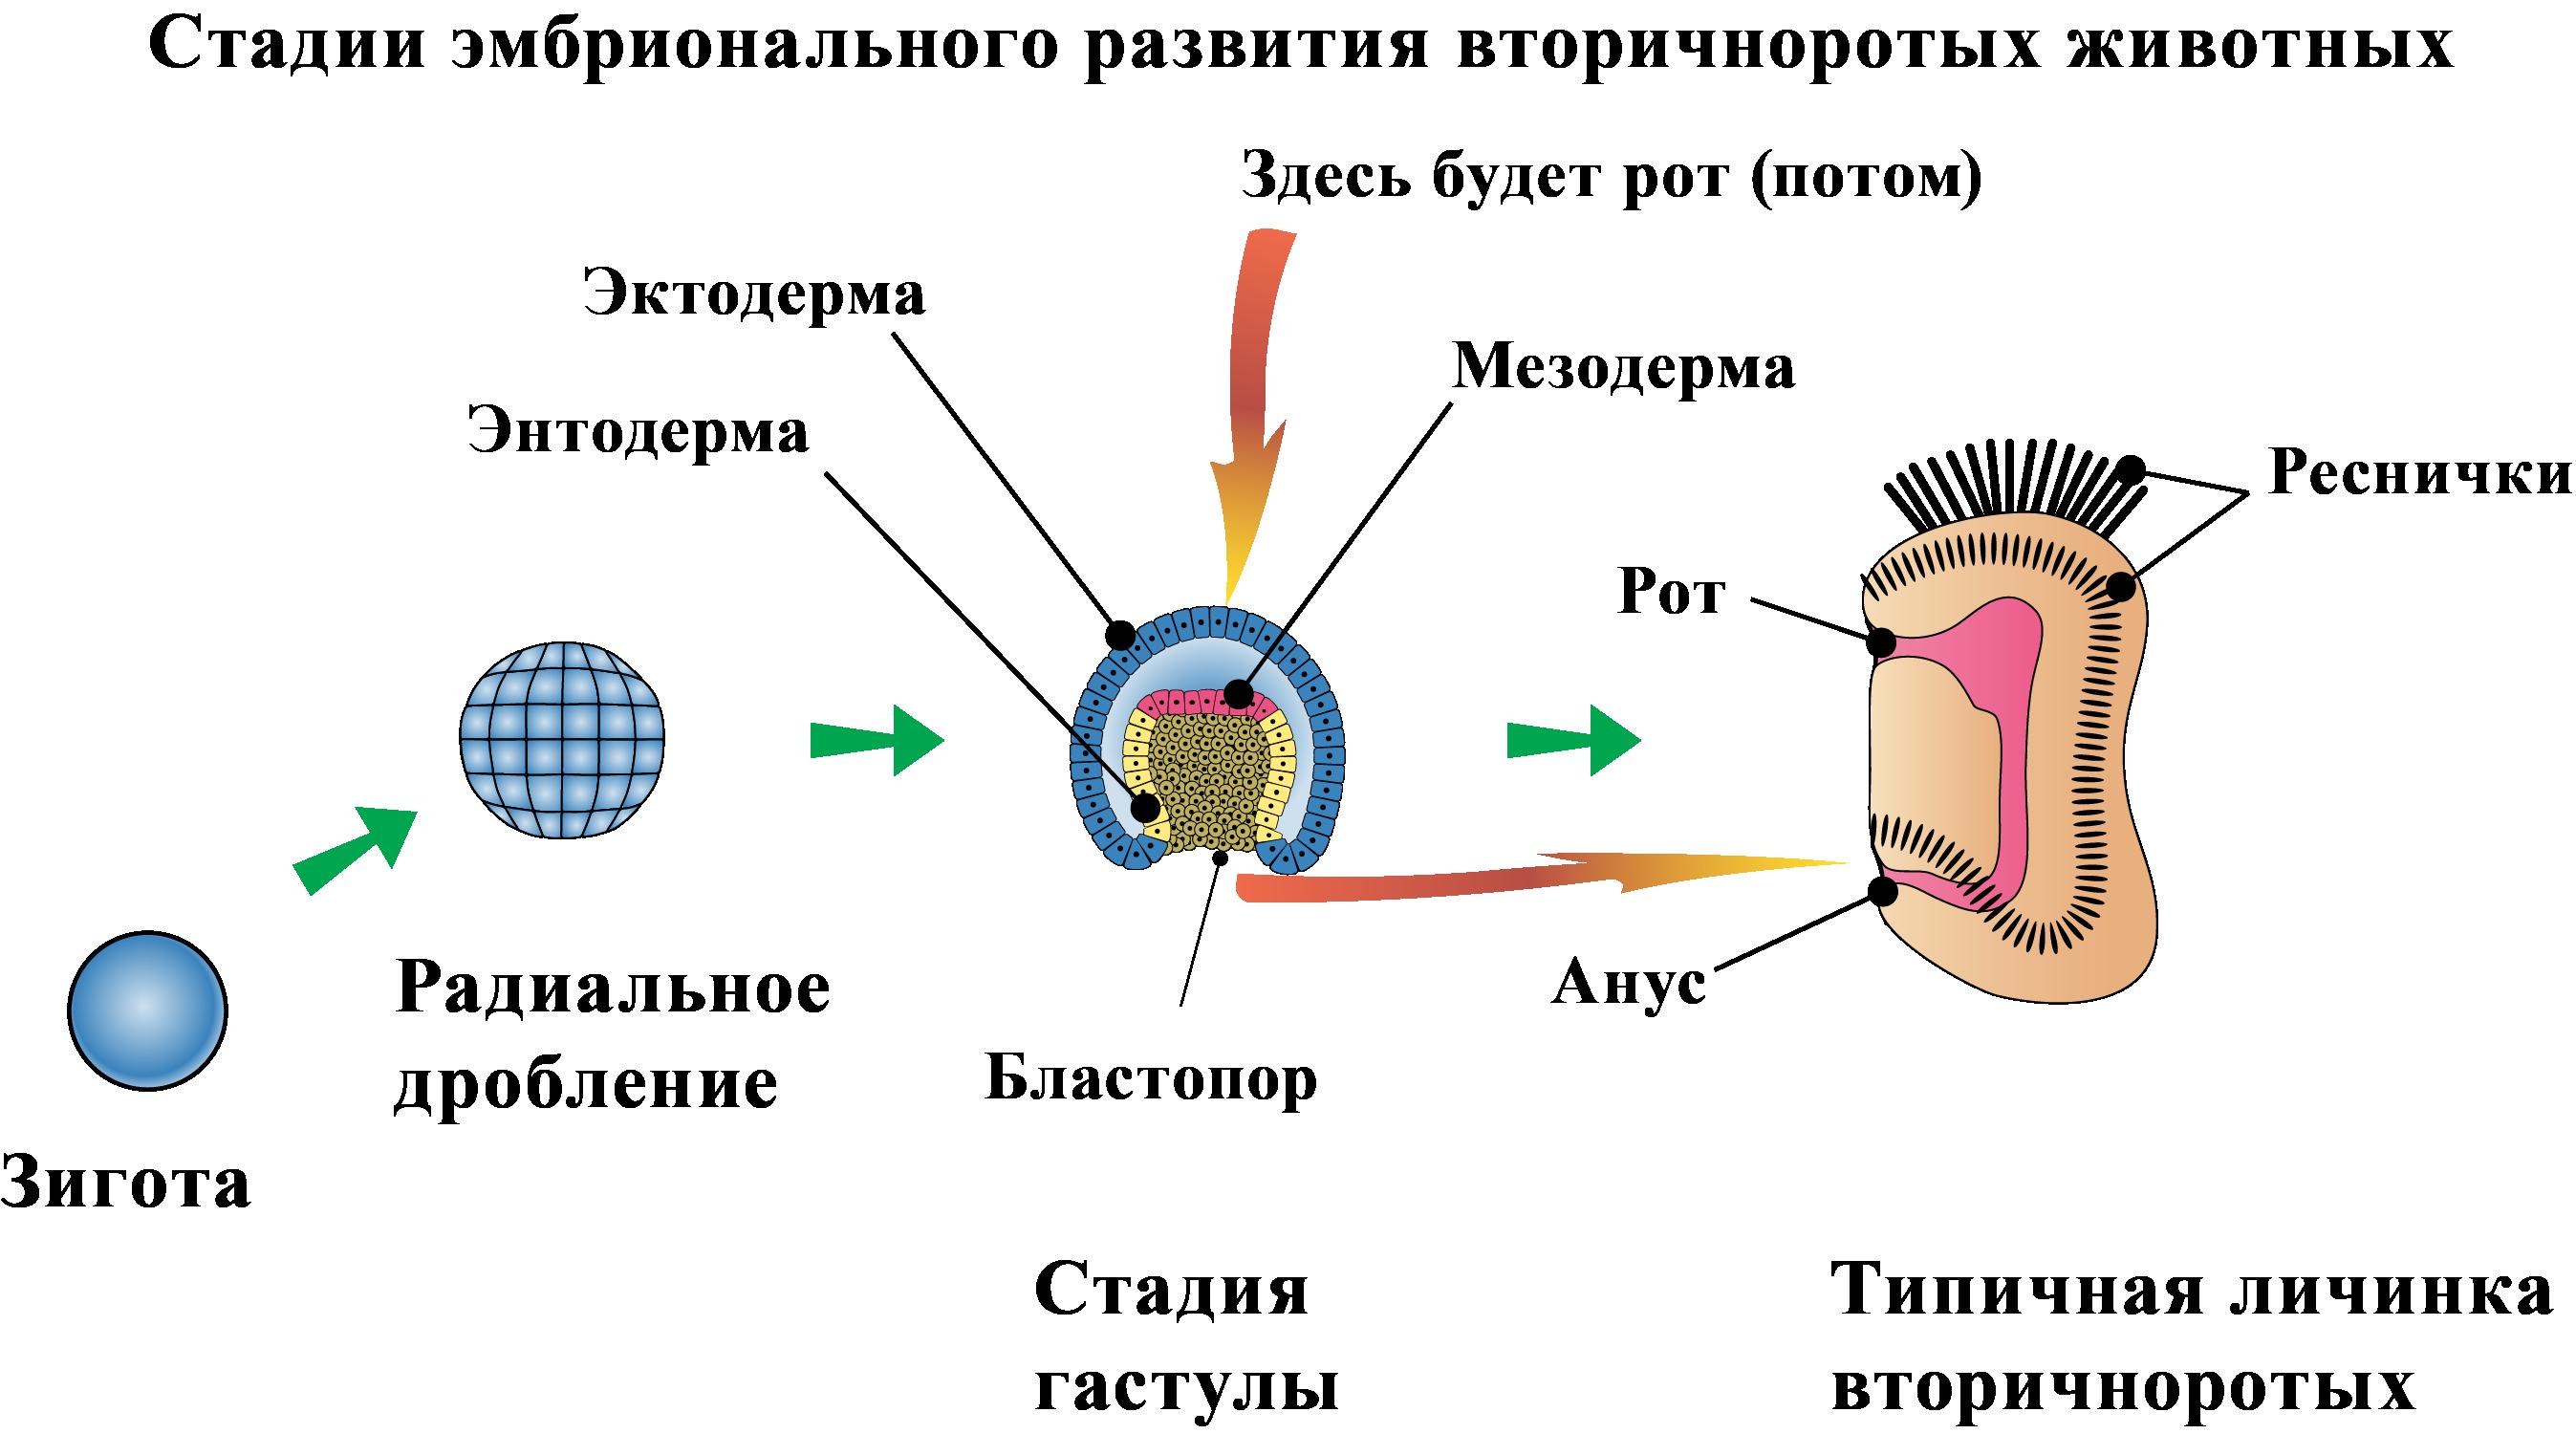 Стадии эмбрионального развития вторичноротых животных